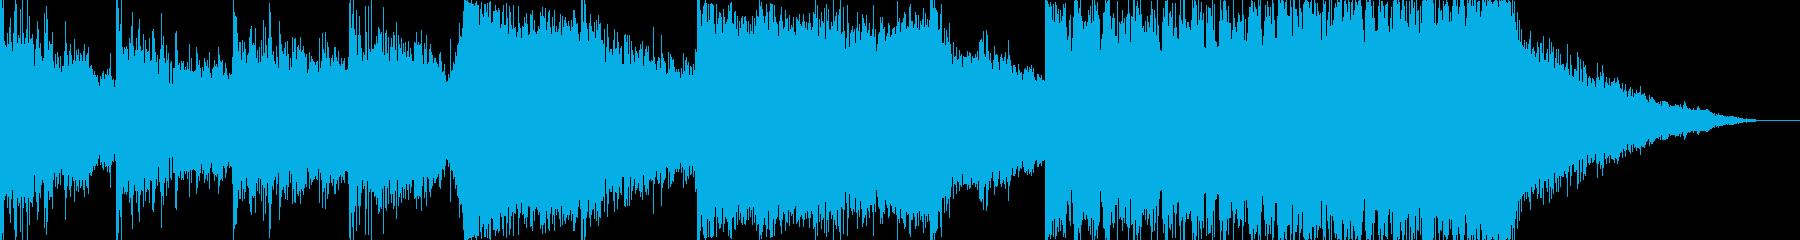 ヒーロー映画の予告トレーラー風のBGMの再生済みの波形